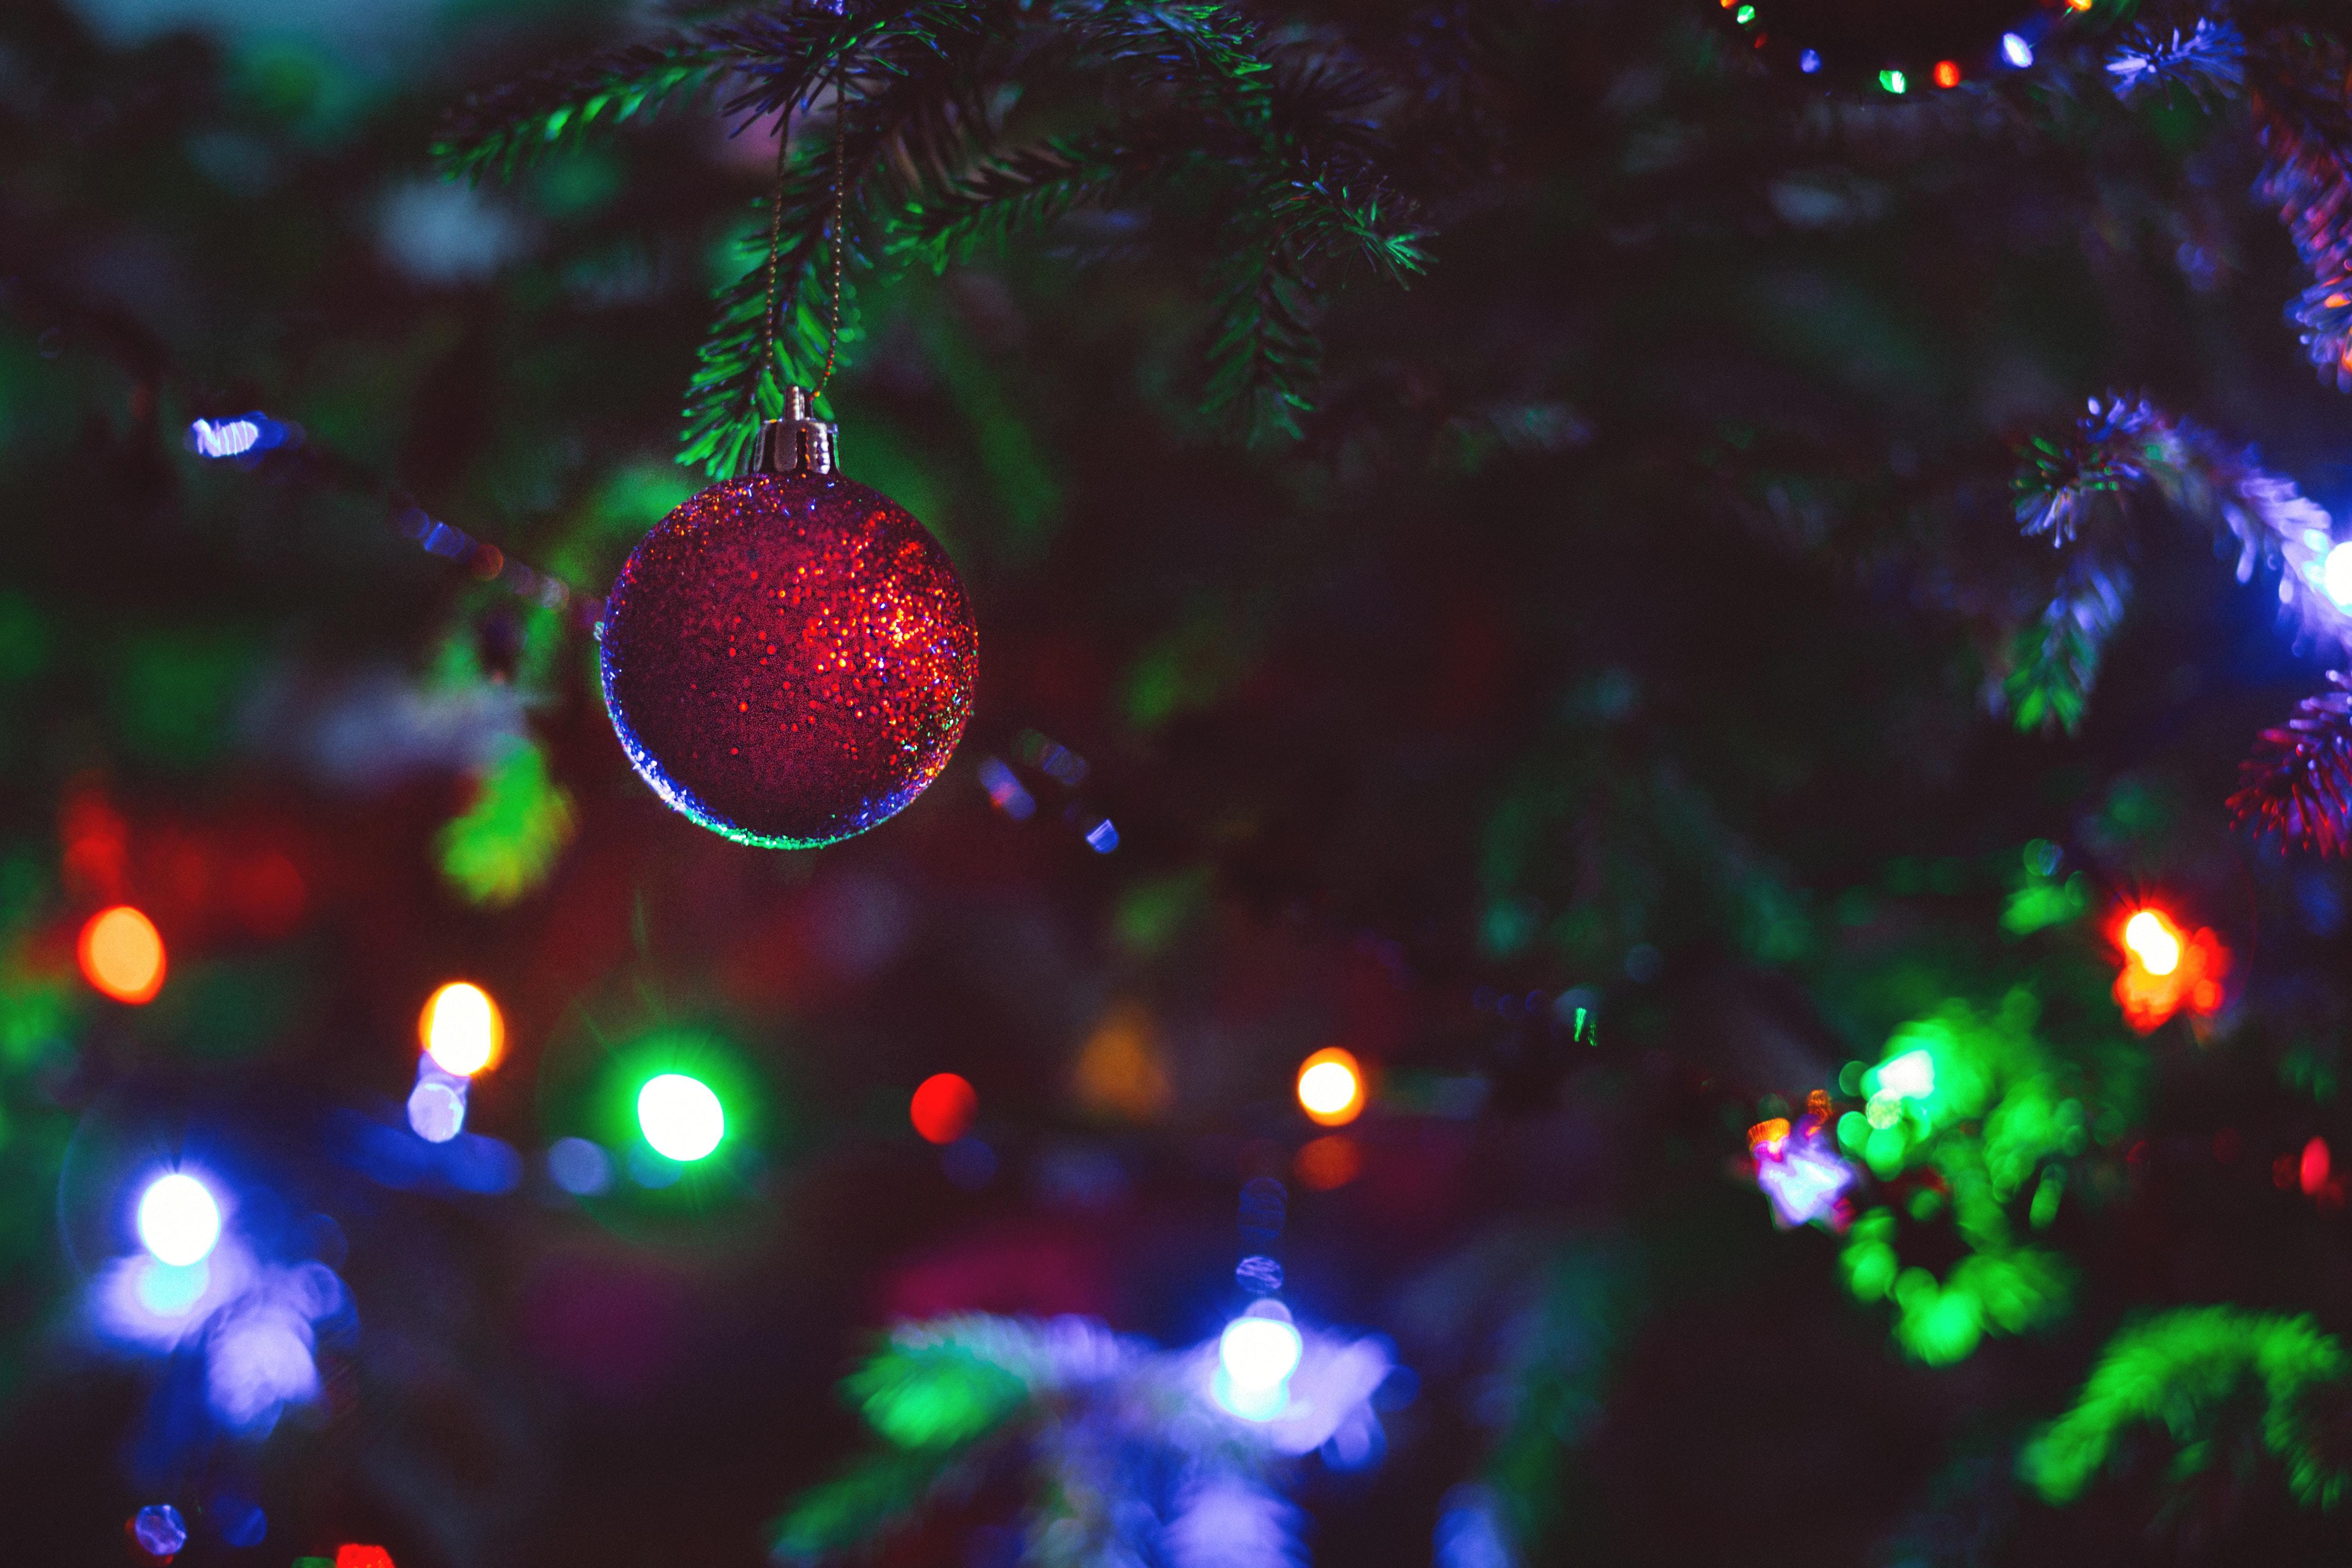 Картинка: Шар, красный, Новый год, свет, блики, праздник